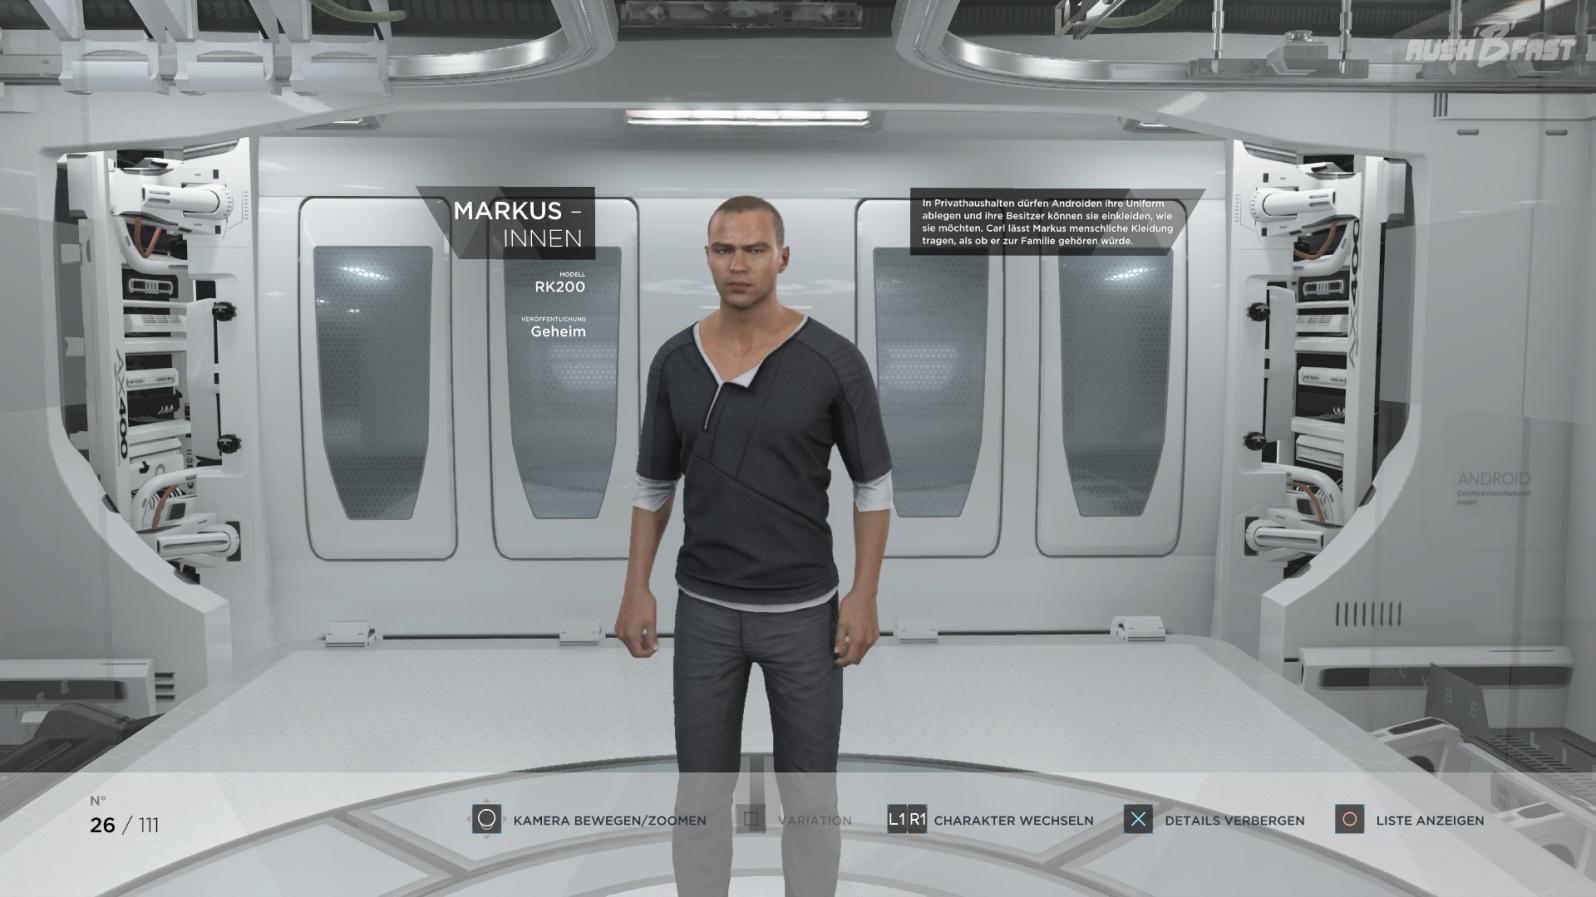 Markus - Modell: RK200